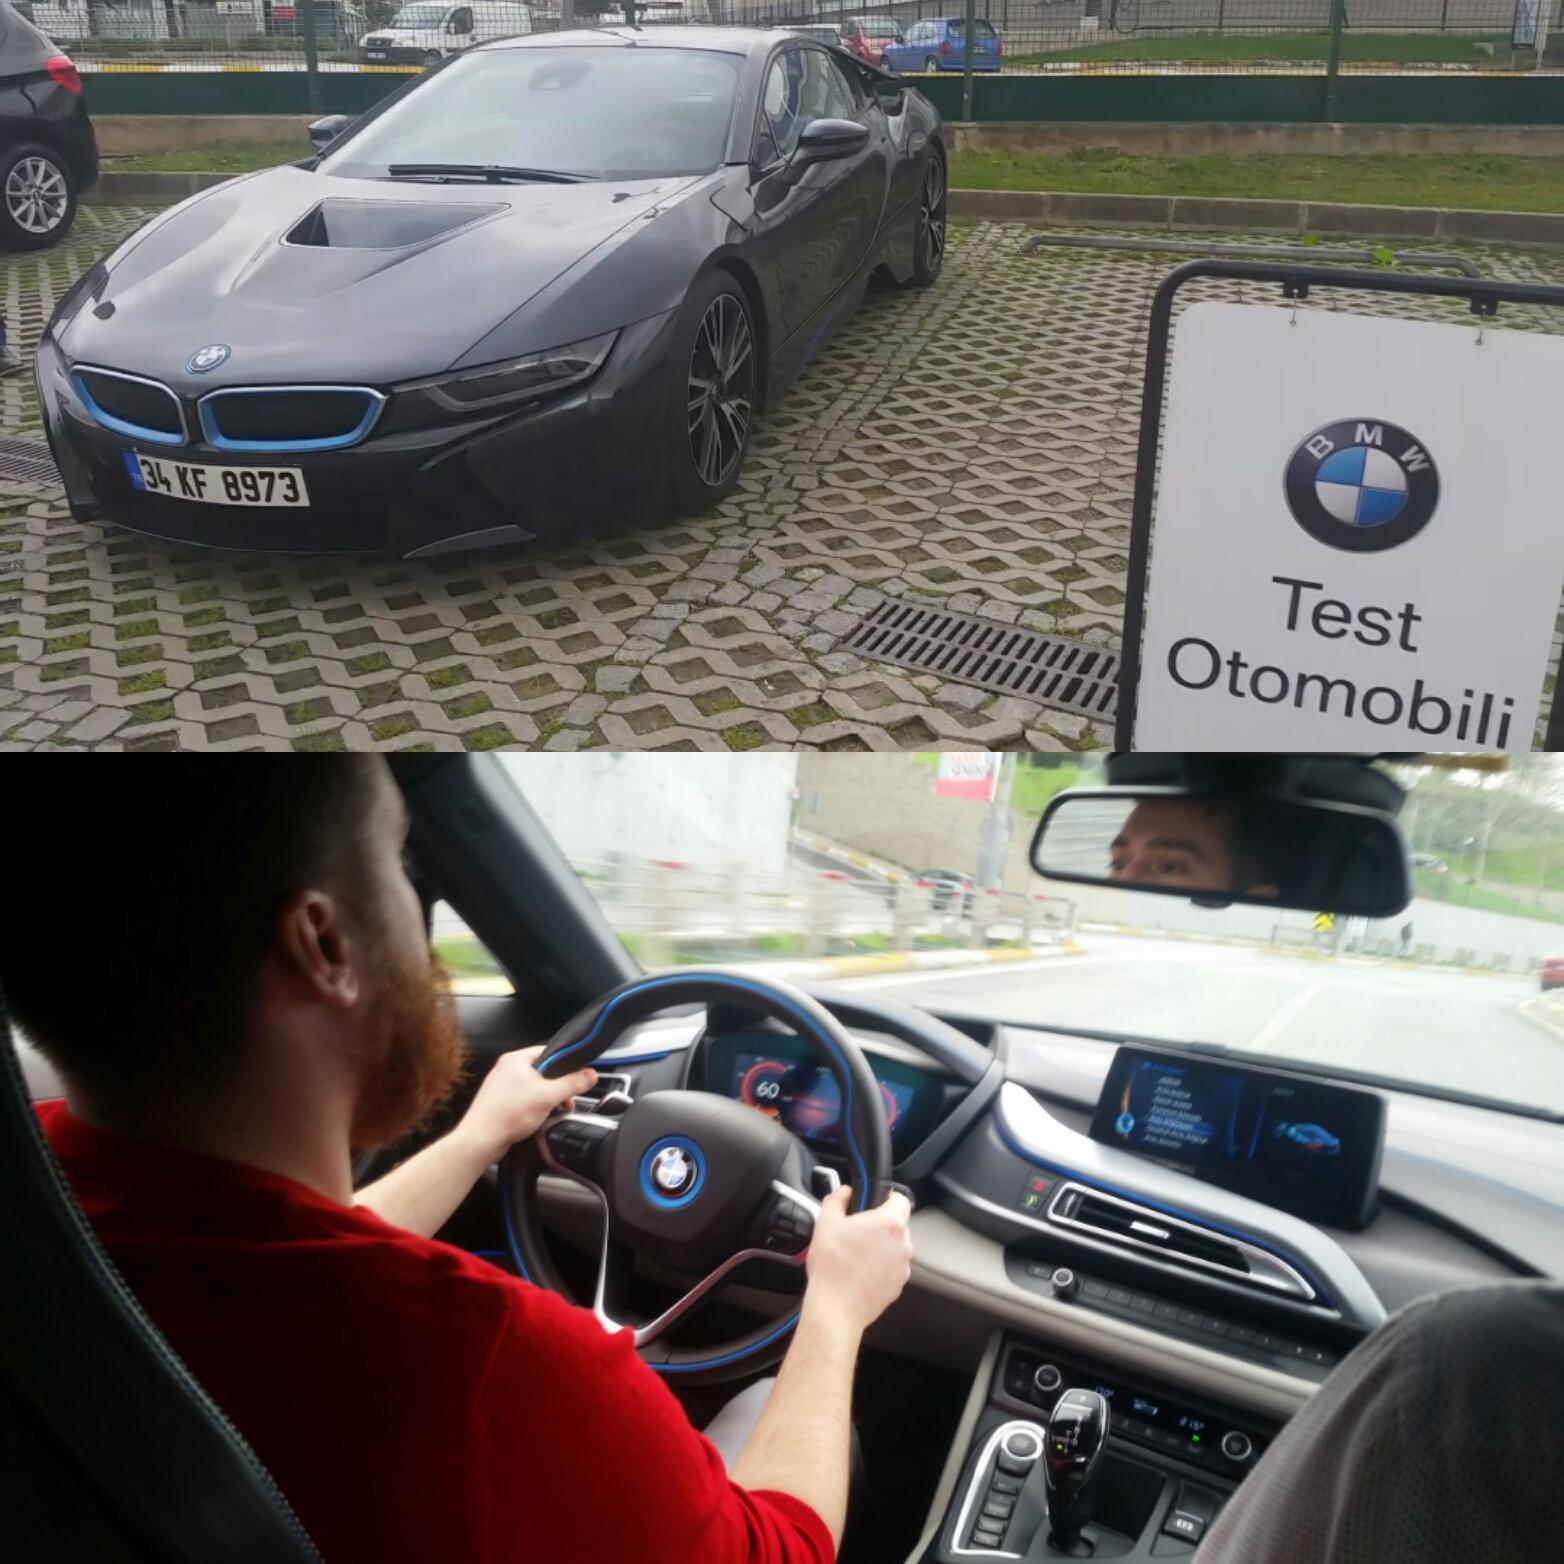 Bmw I8 362hp Test Surus Um Turgut Alkim Tutumlu Car Designer